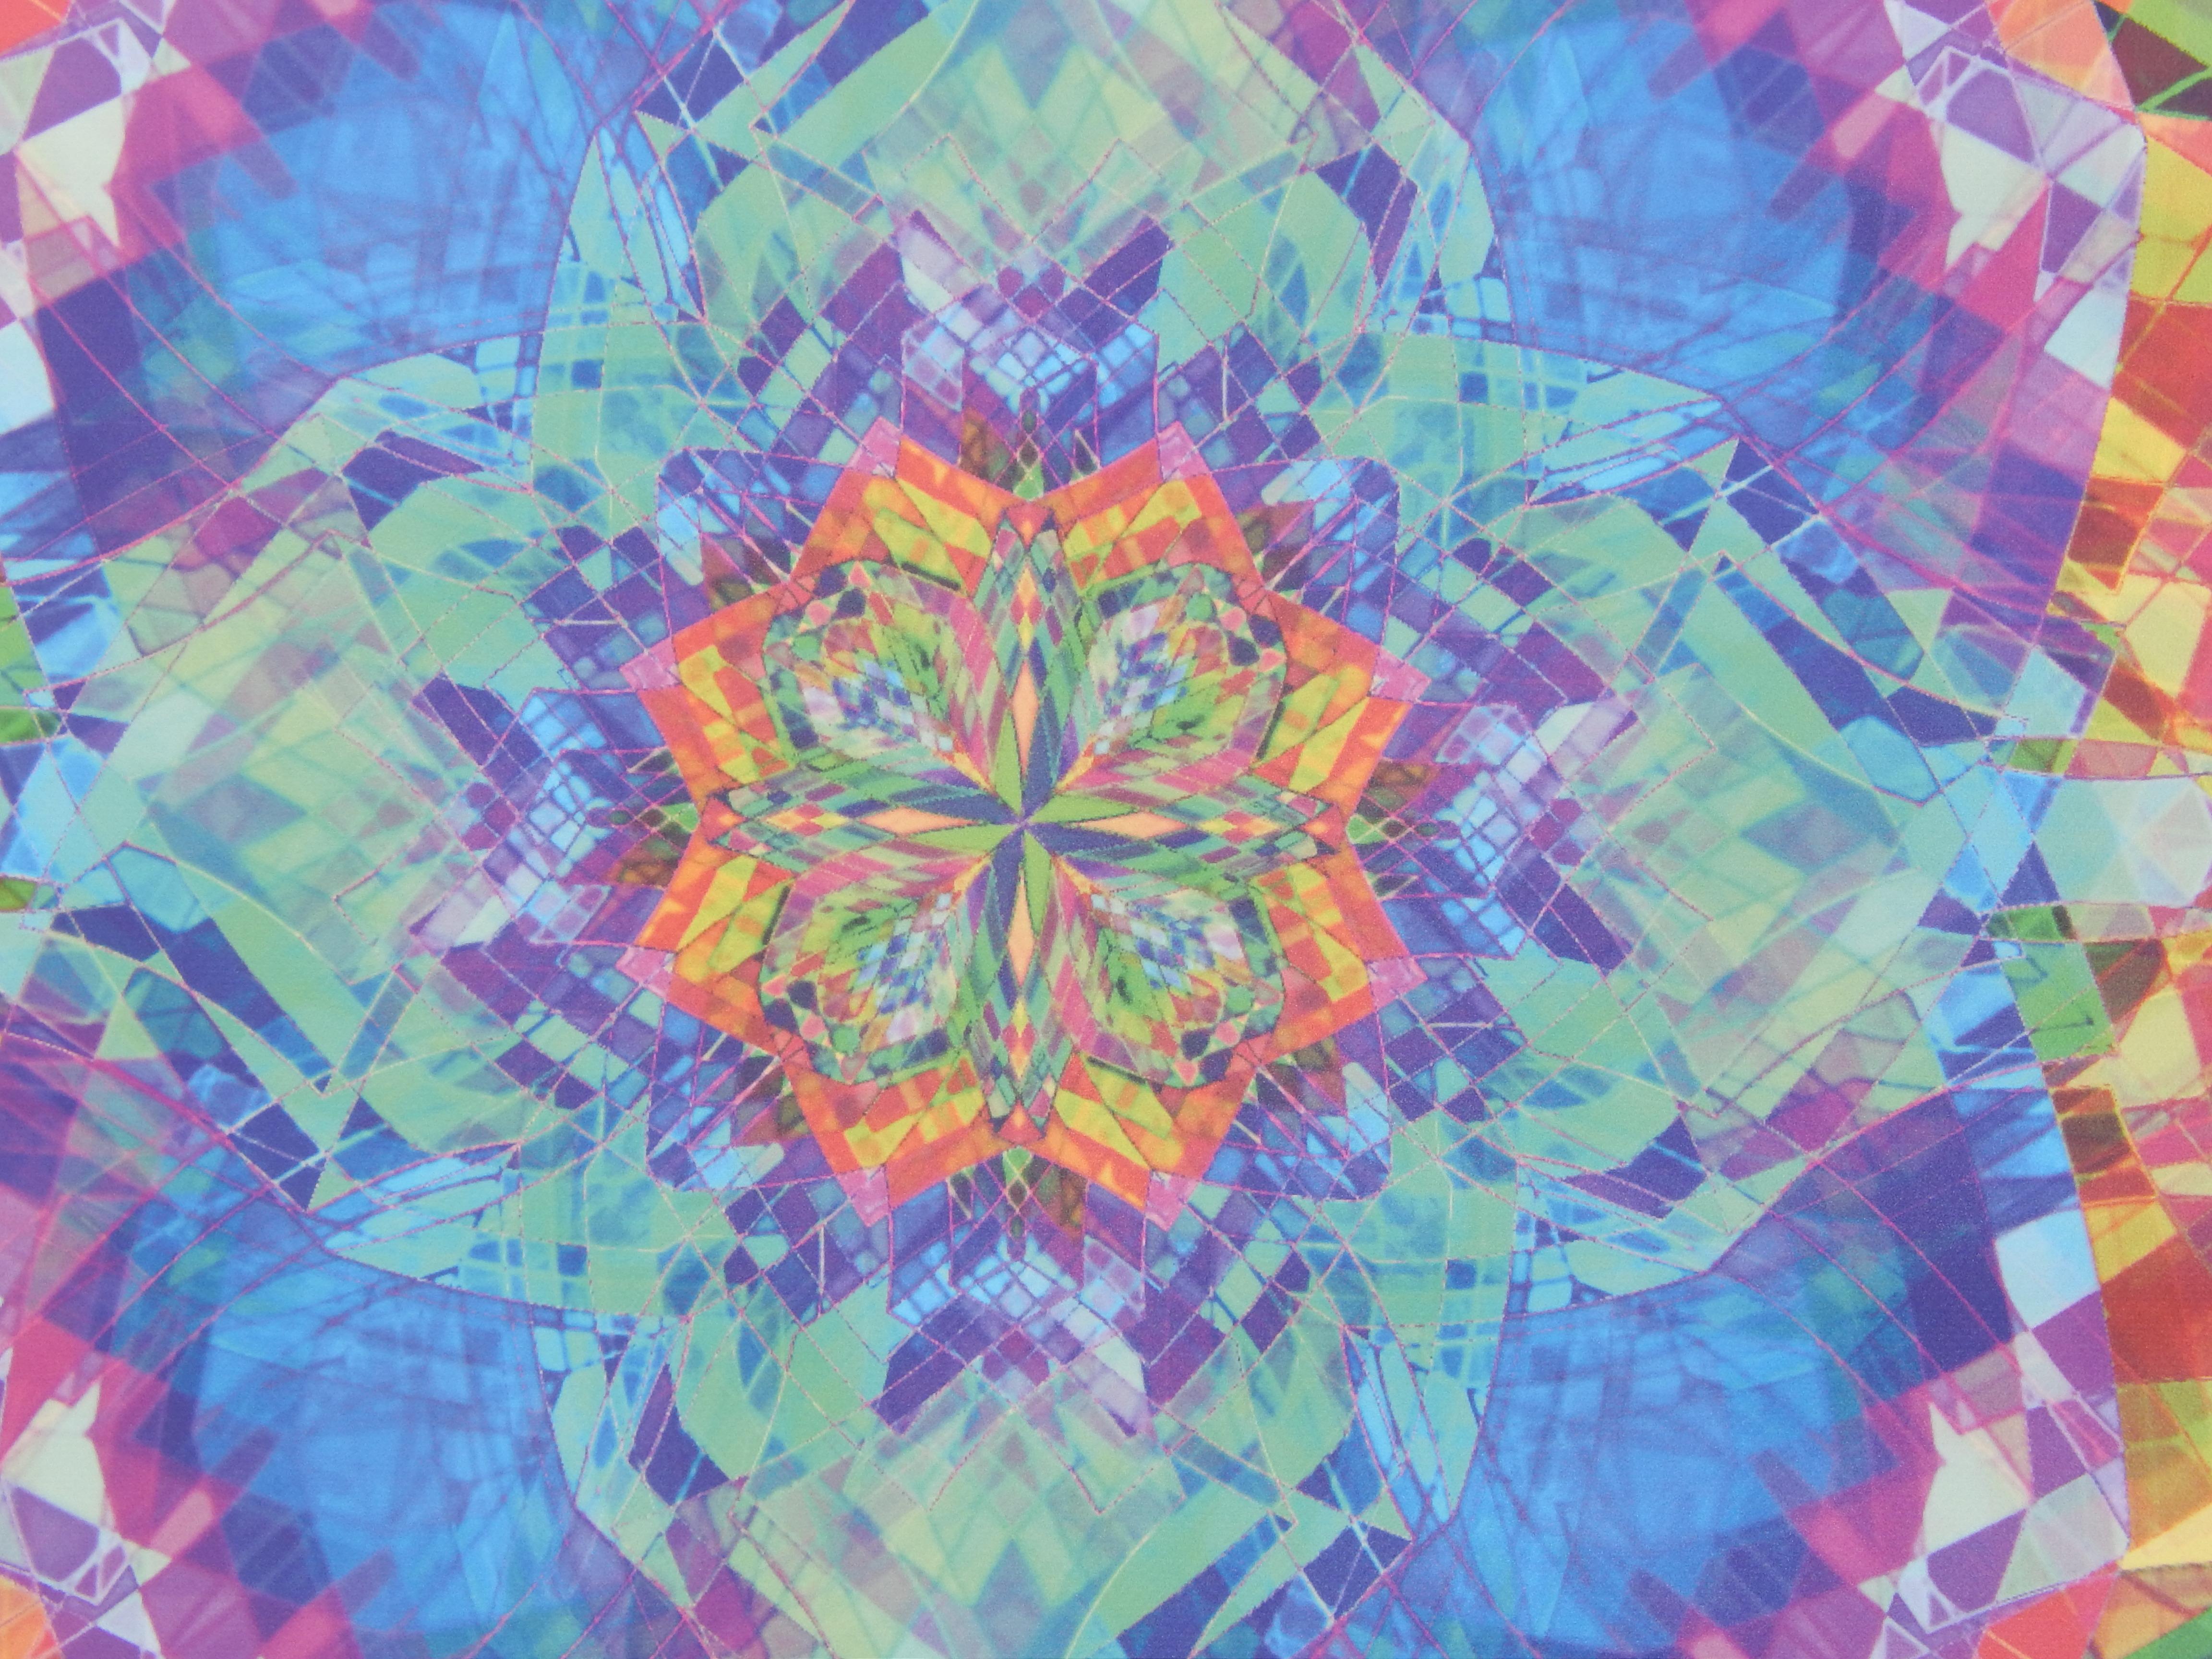 Foto von einem buntem Mandala, als Nahaufnahme. Man sieht den Detailreichtum sehr bunt